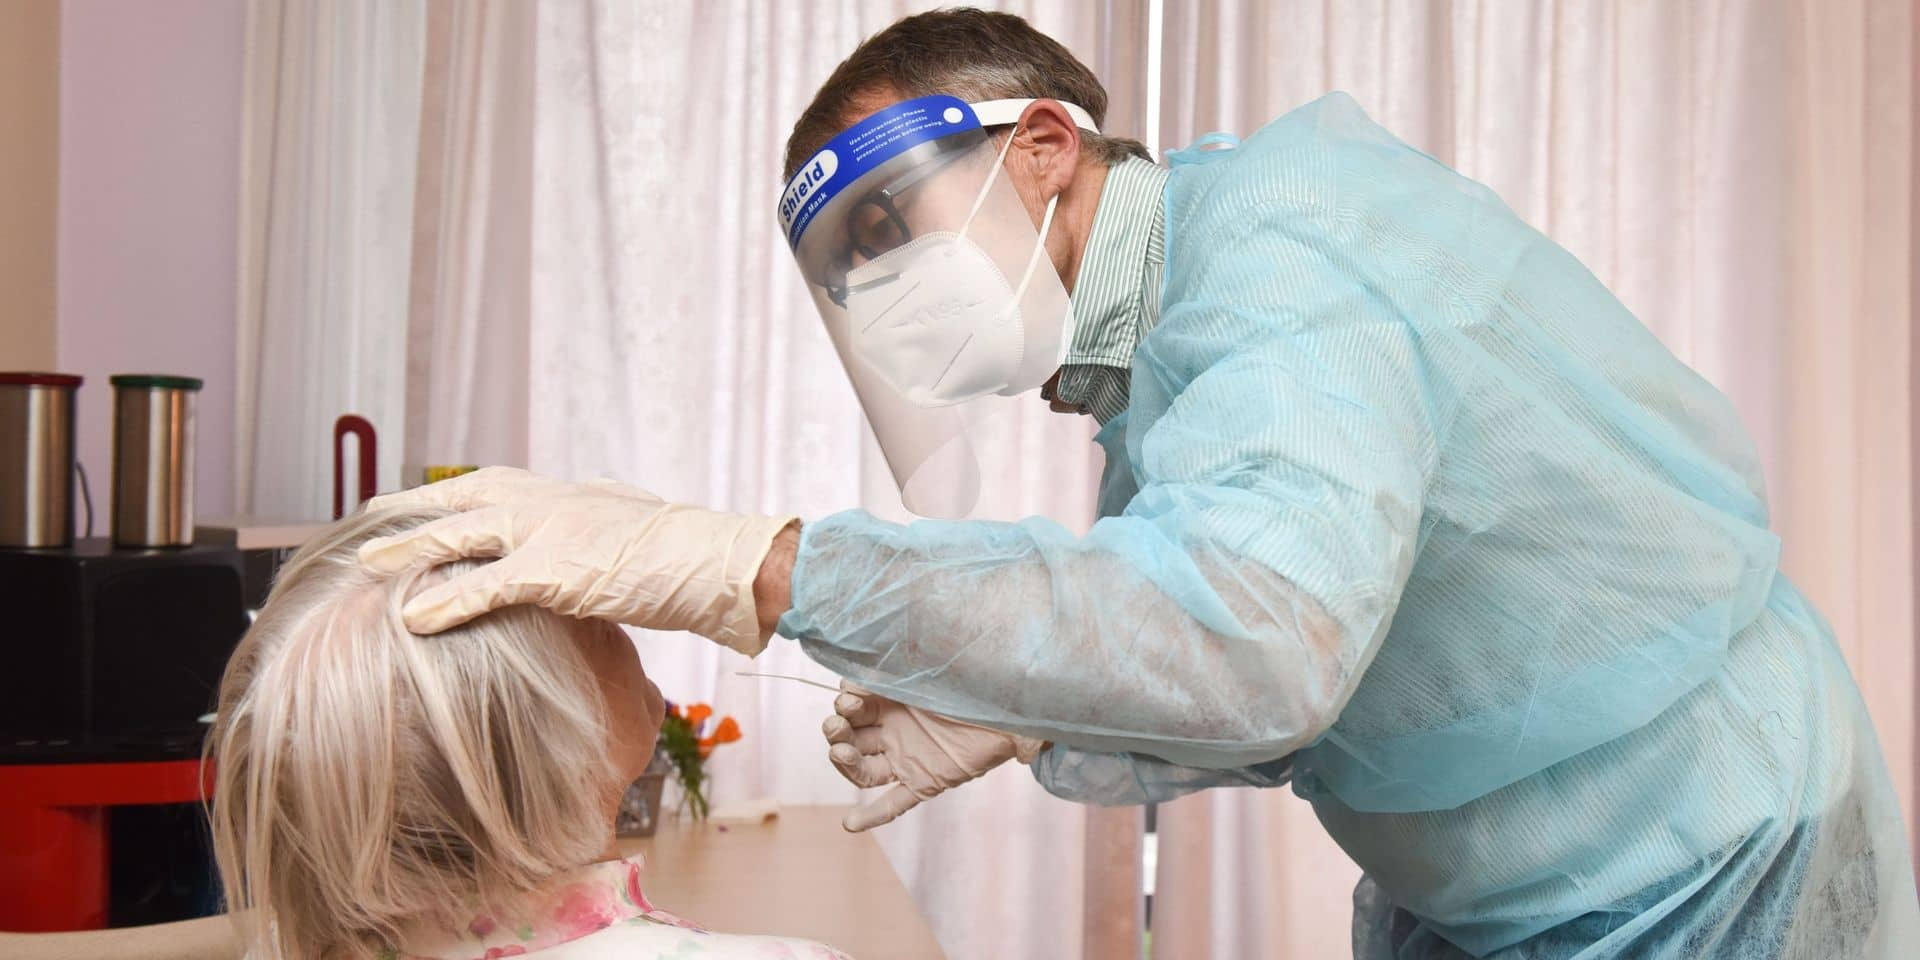 Coronavirus: quelles sont les provinces où les contaminations grimpent et celles où elles diminuent ? (CARTE)